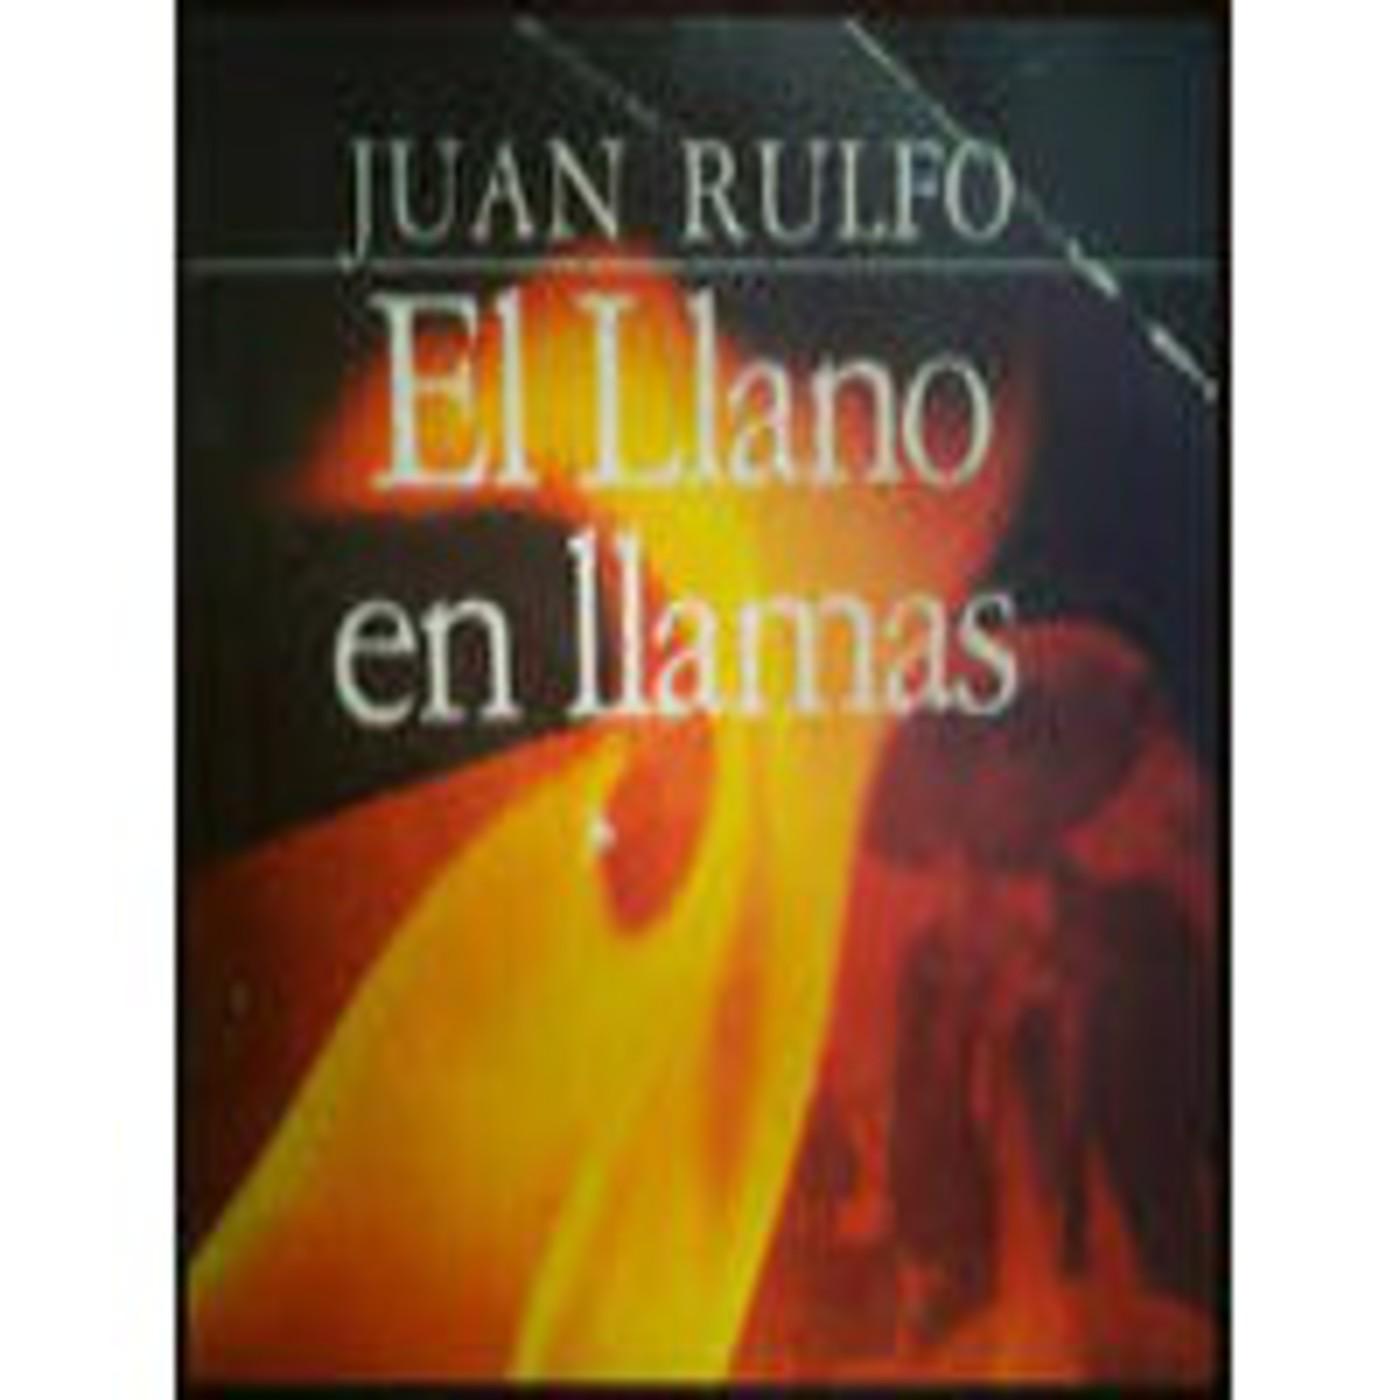 El Llano en Llamas de Juan Rulfo (voz loquendo) en